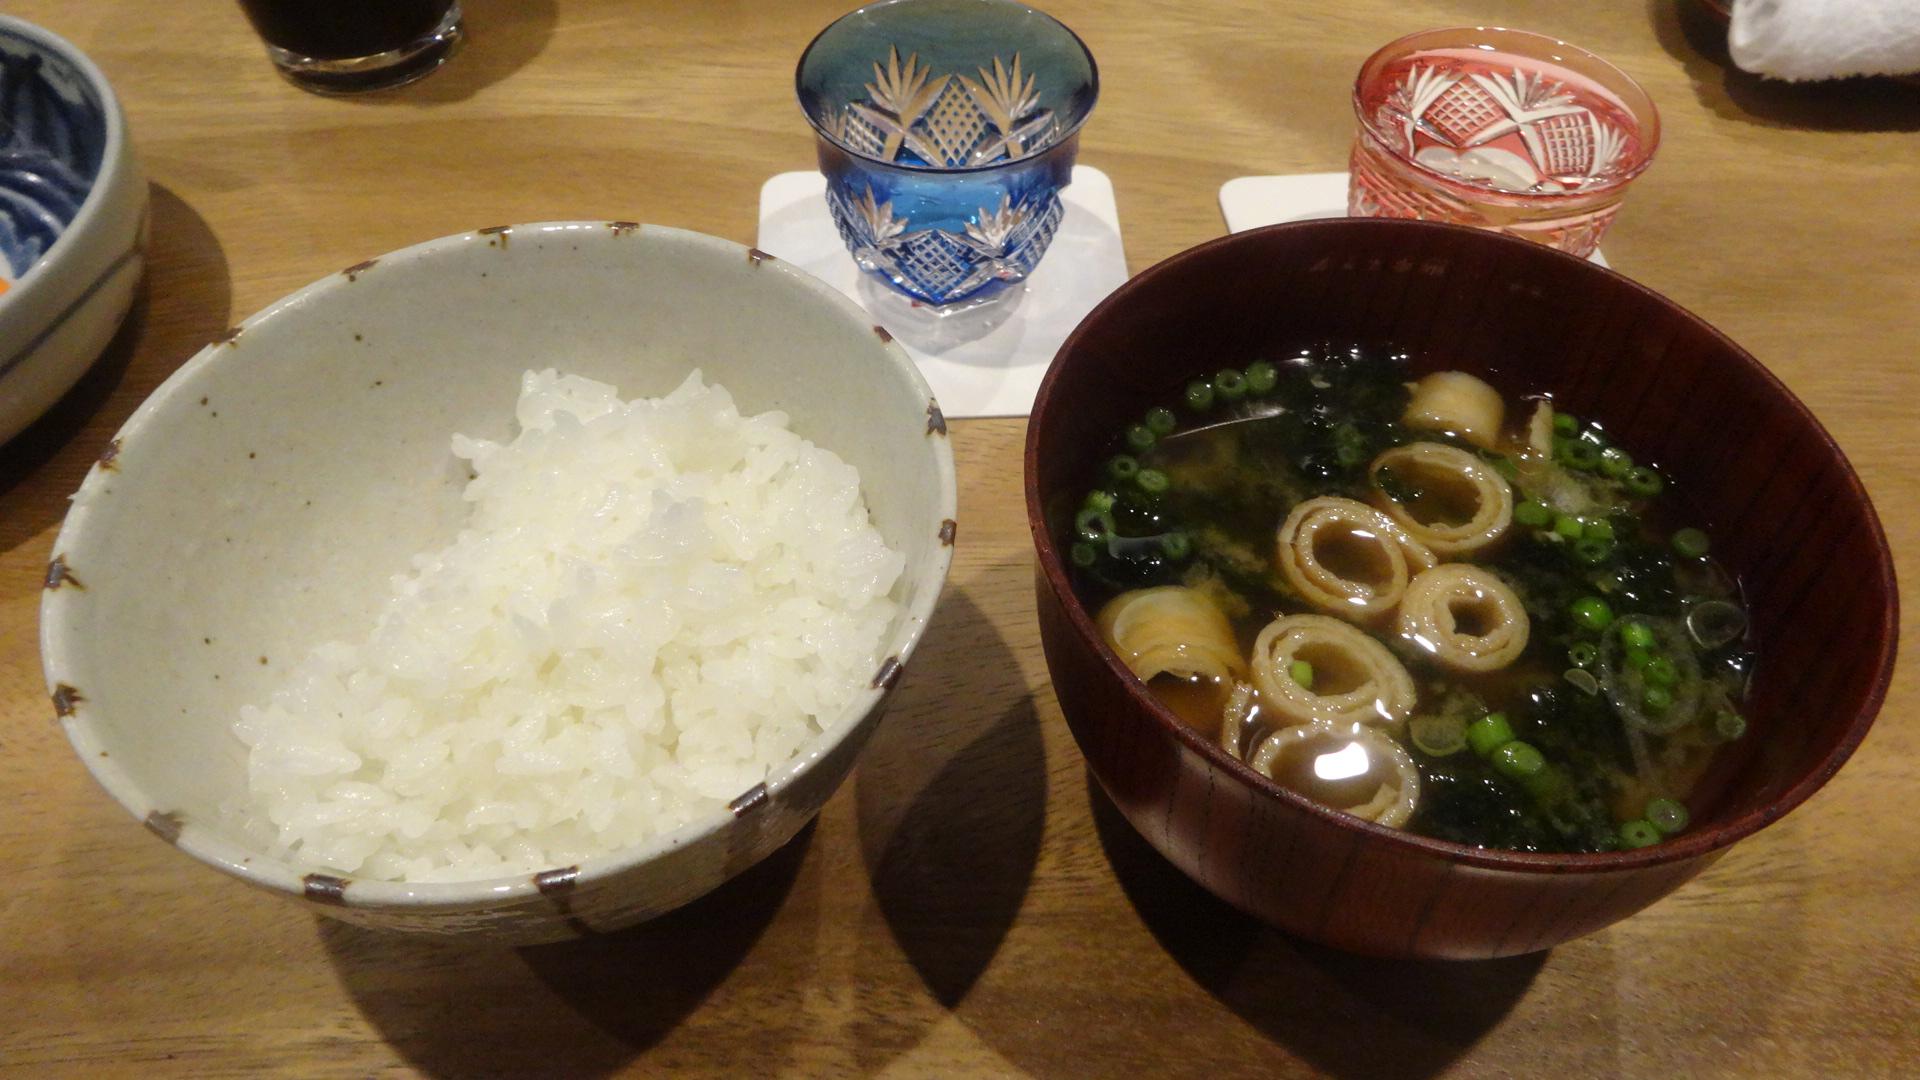 ご飯とお味噌汁の写真